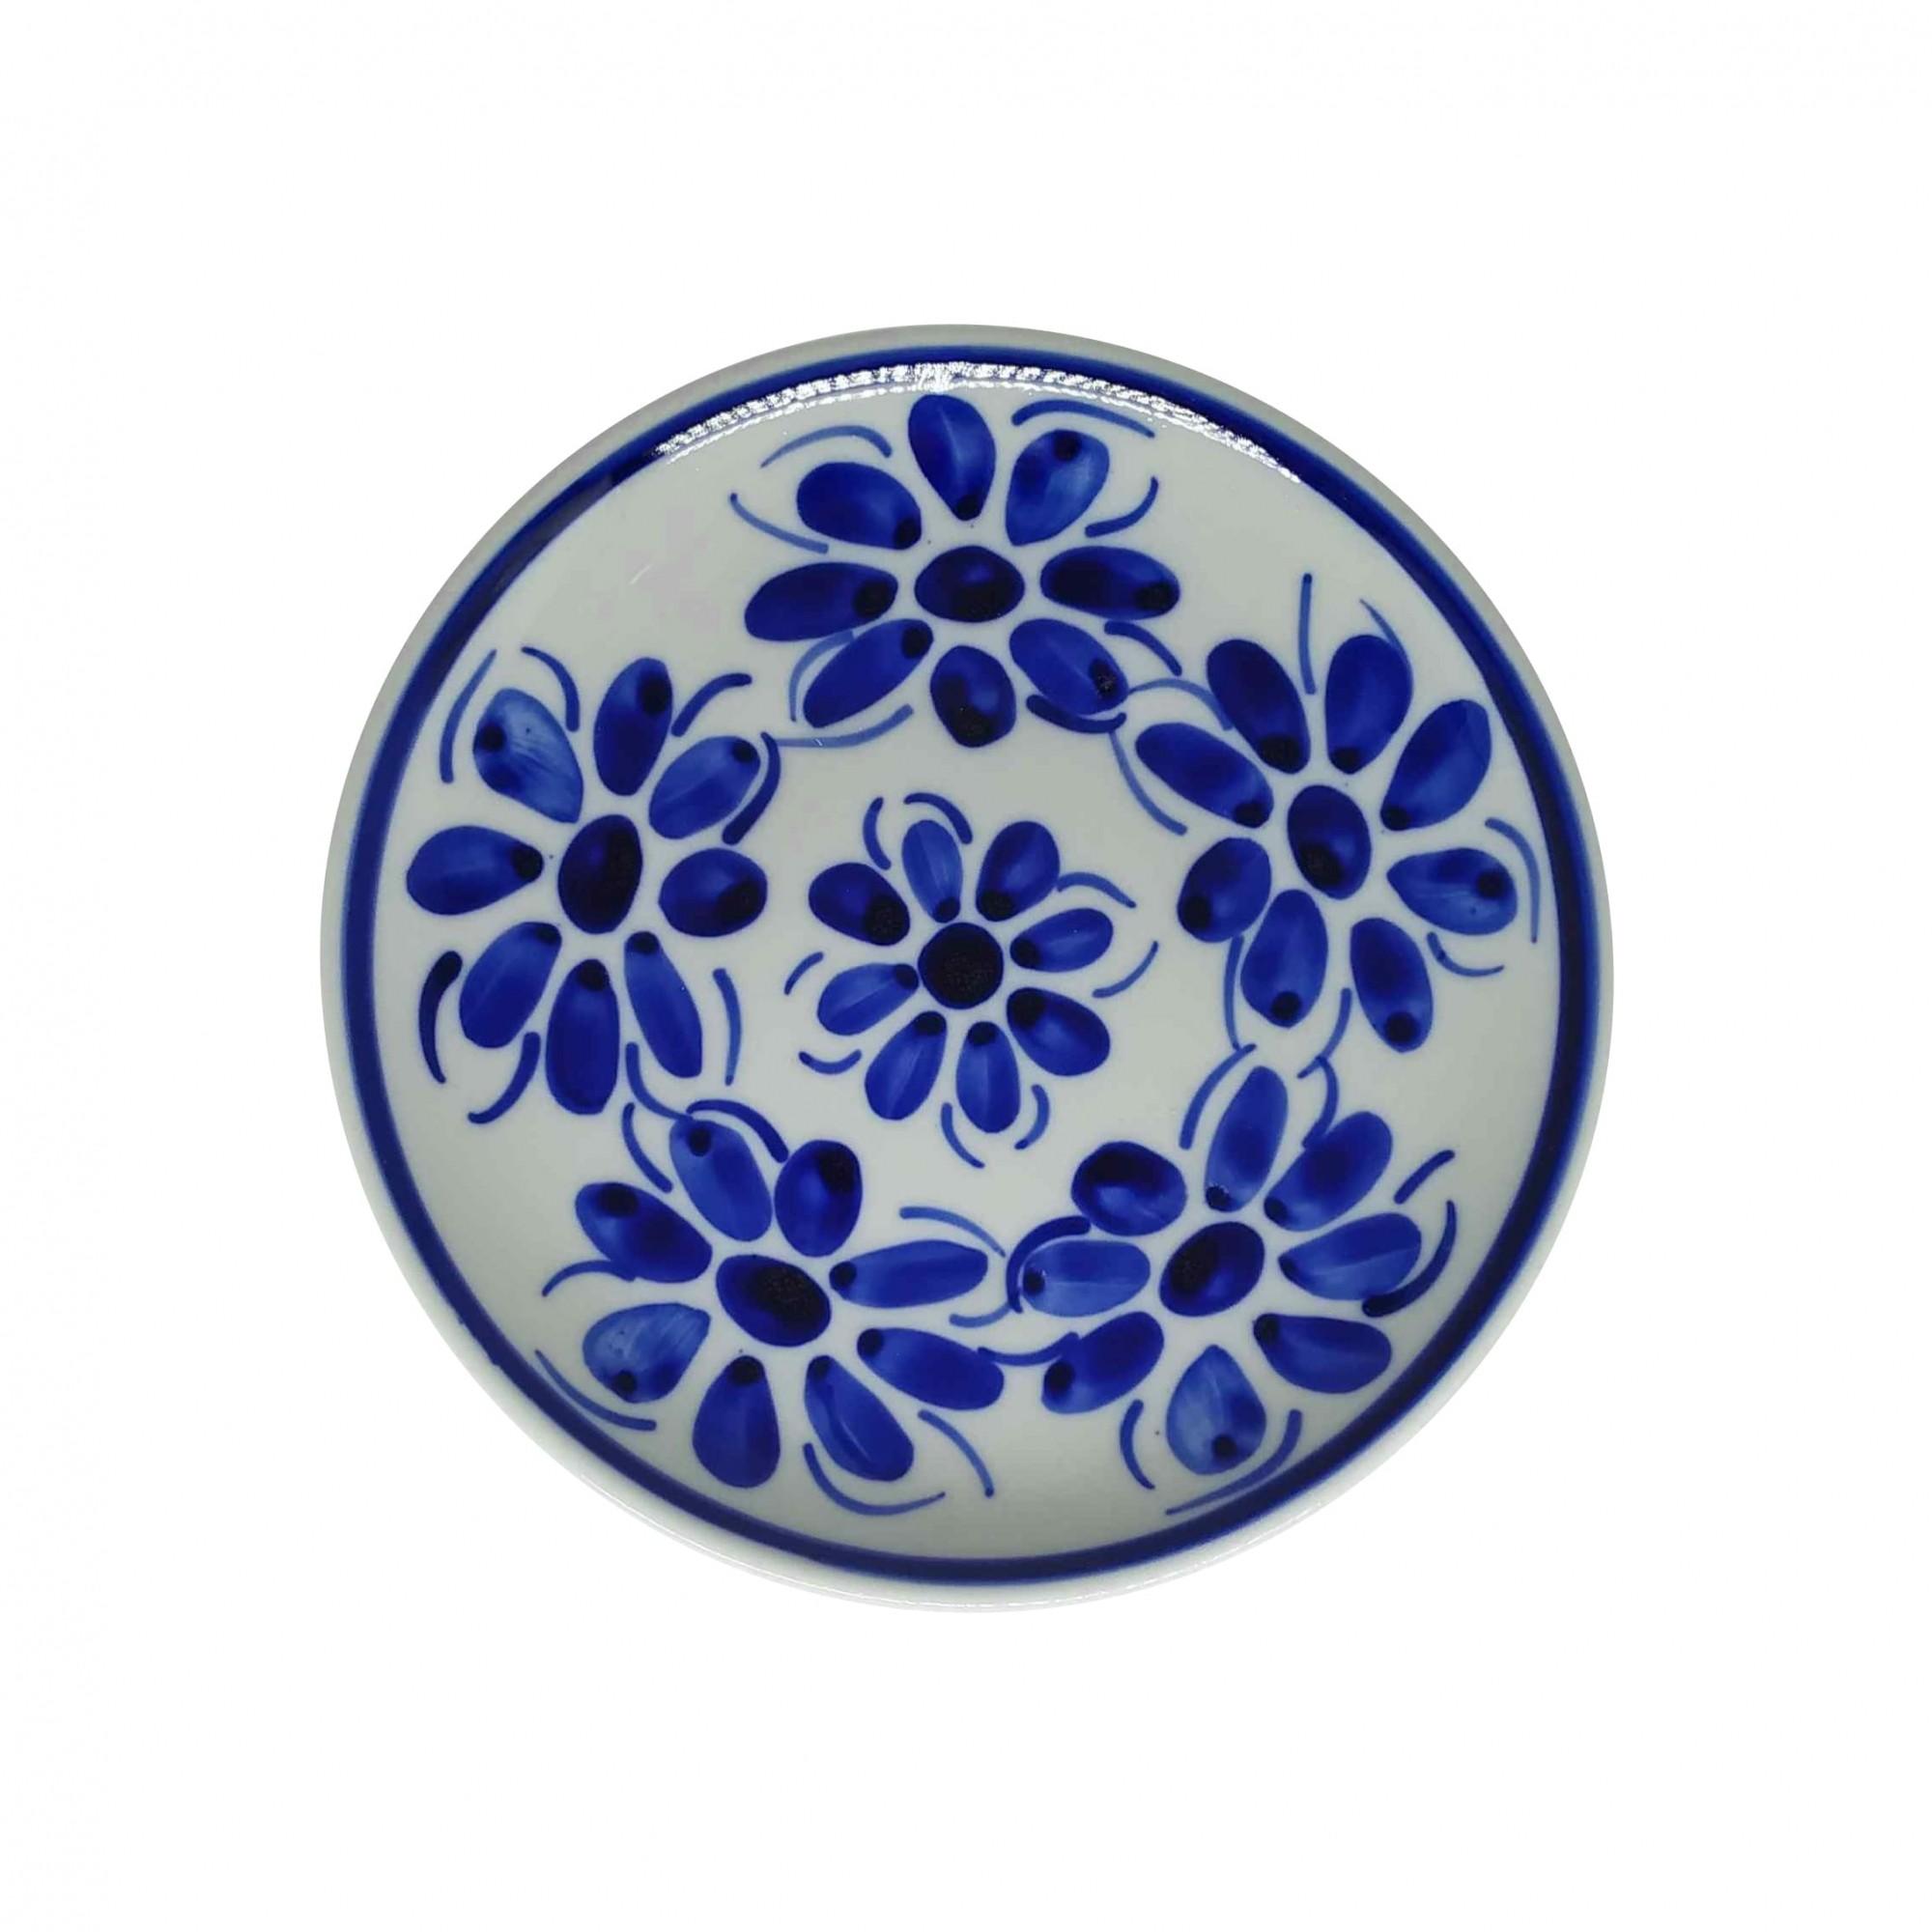 Prato de Sobremesa 18,5 cm em Porcelana Azul Vintage